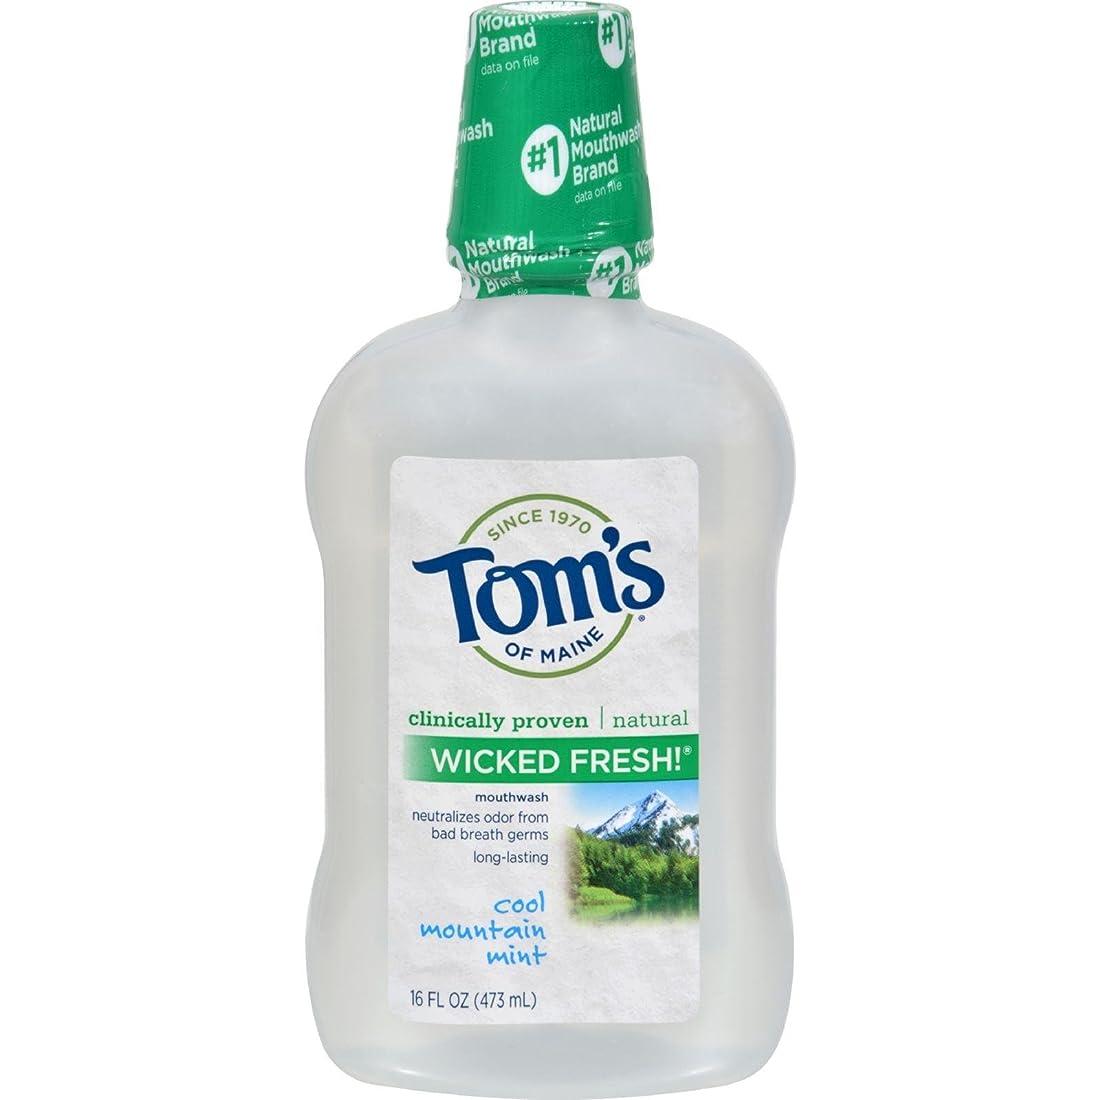 道を作る銀行資本主義Tom's of Maine メインうがい薬WkdfrshミントMNのトムズ